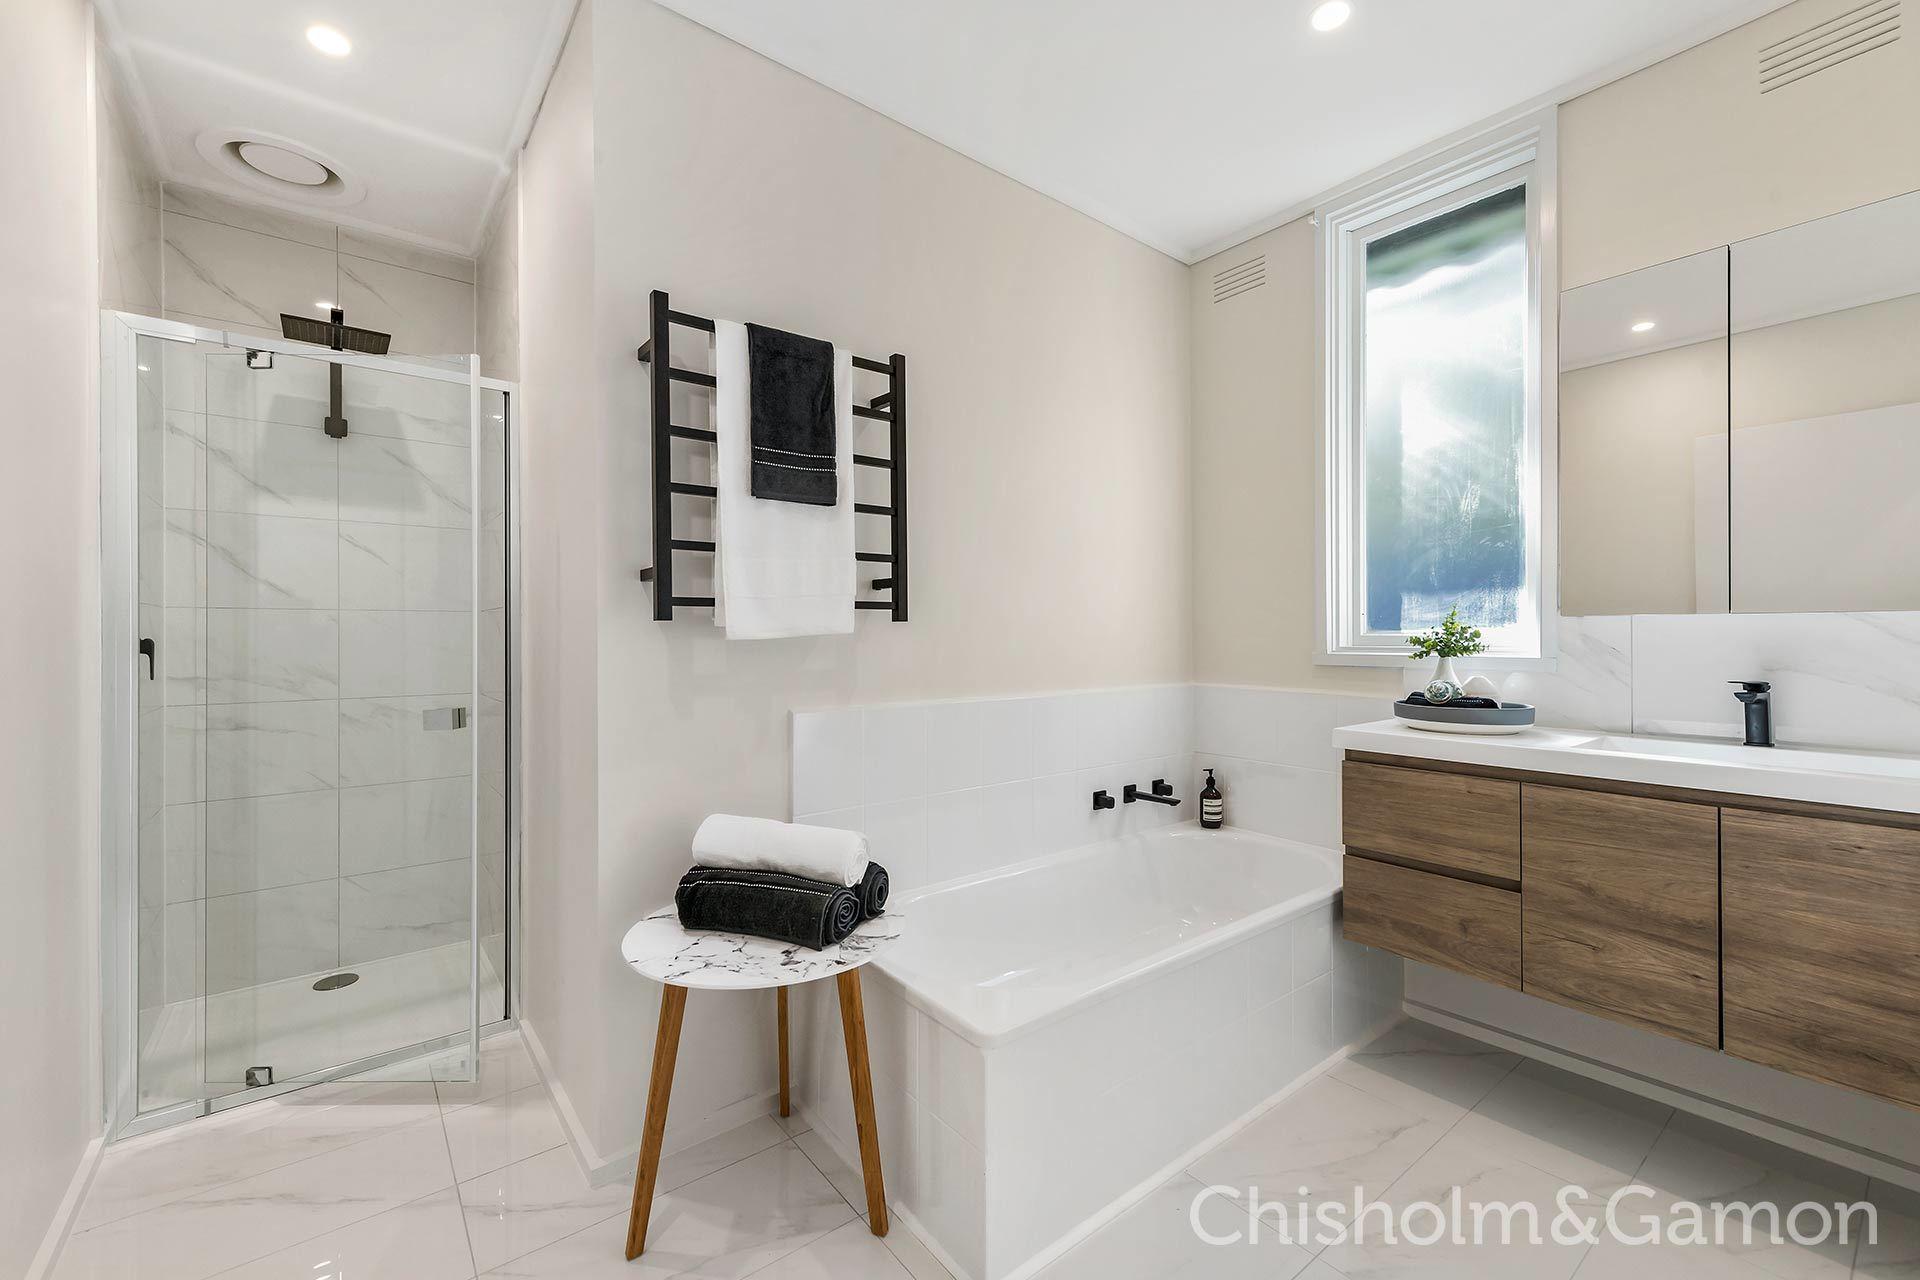 Auction Times  Elwood Real Estate Agents Port Melbourne Black Rock Mount Martha Renting